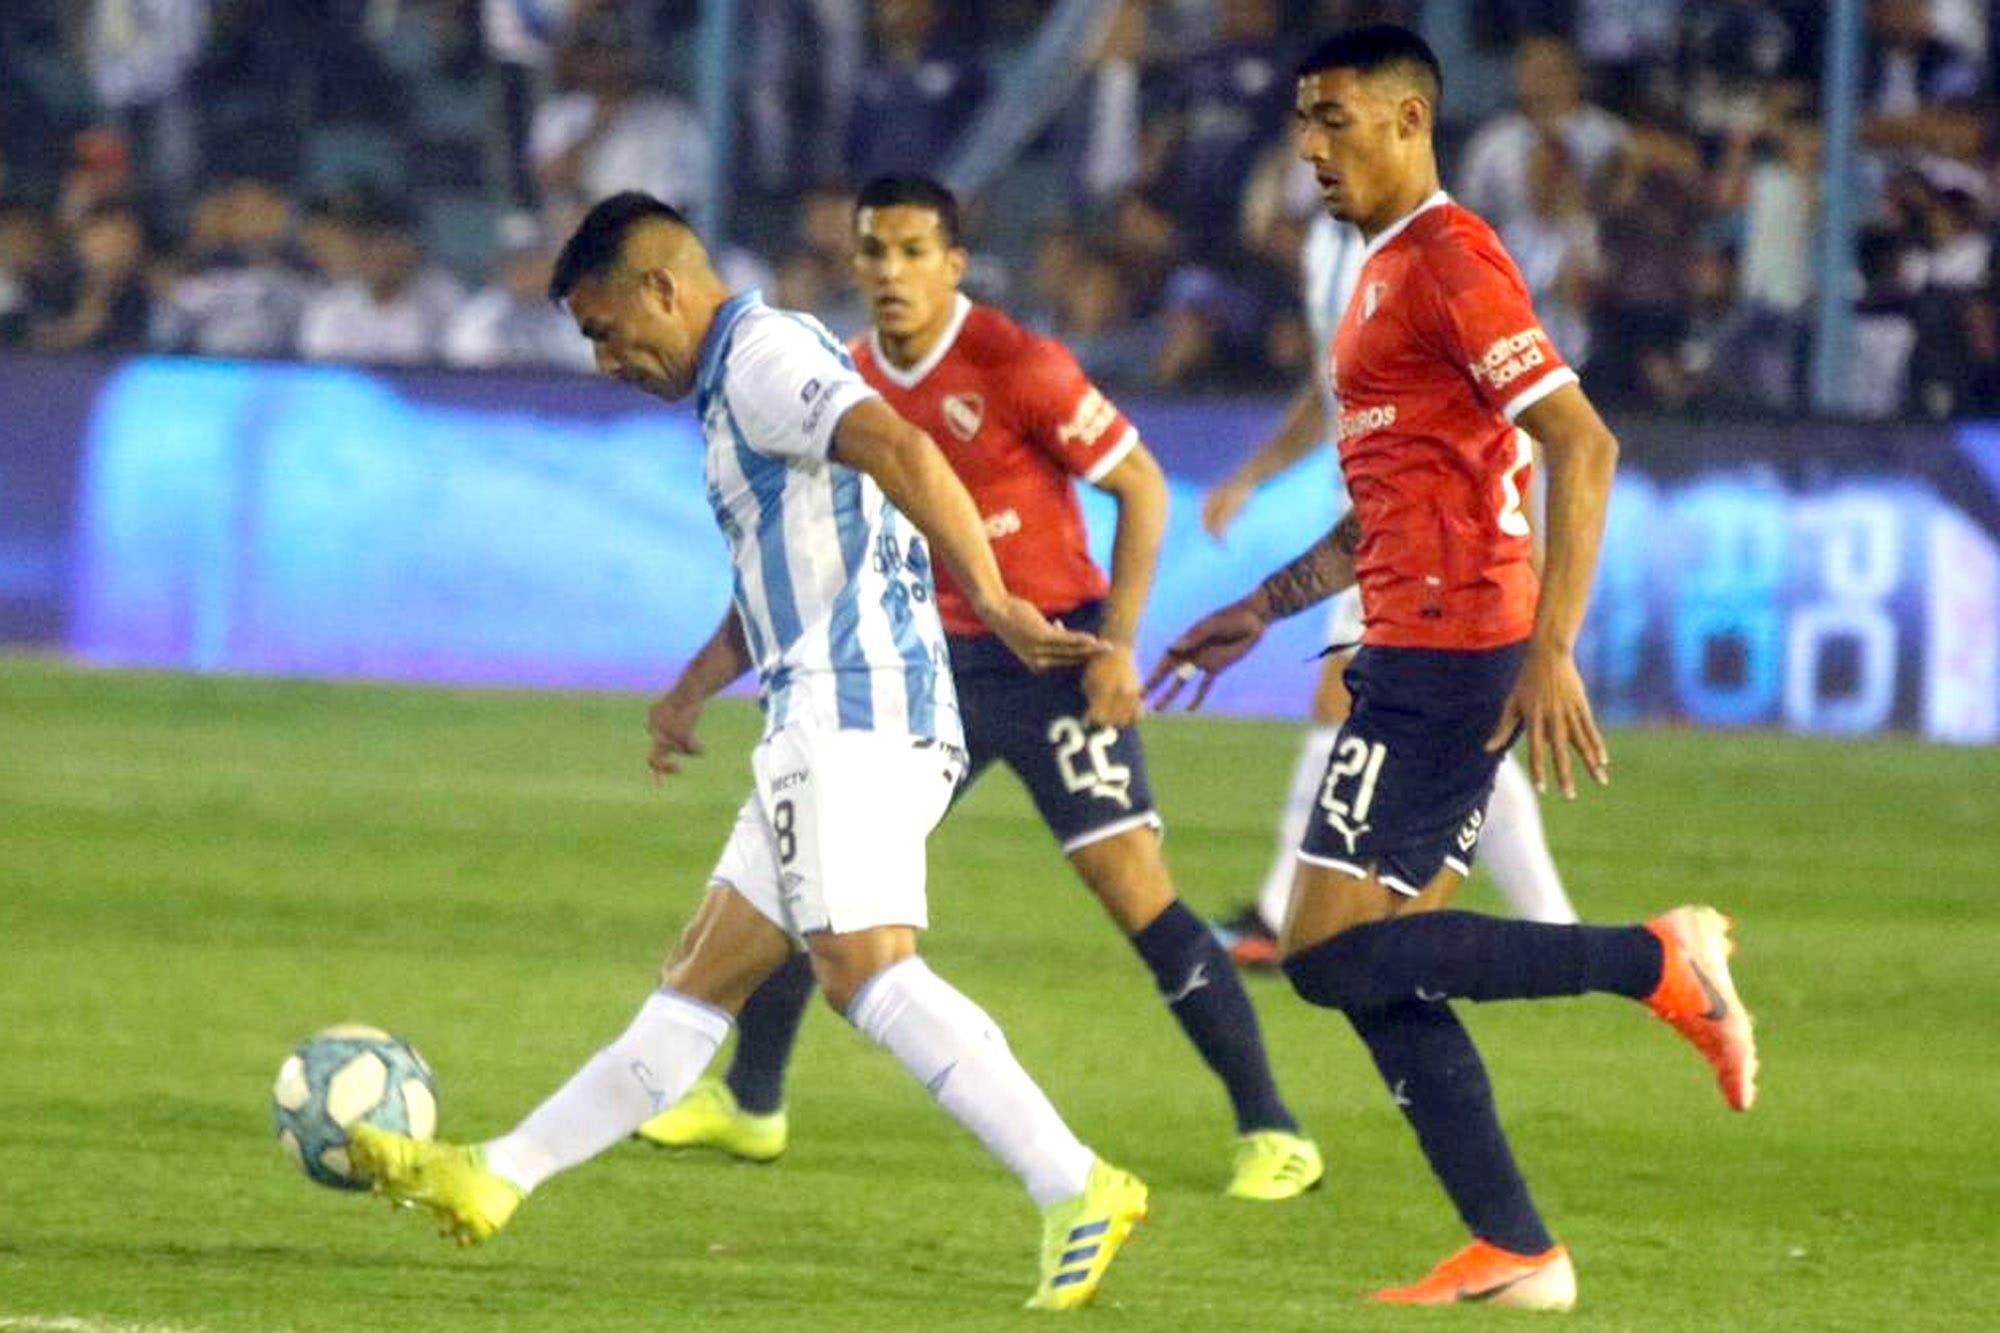 Atlético Tucumán-Independiente, por la Superliga: el Rojo quiere salir de la crisis